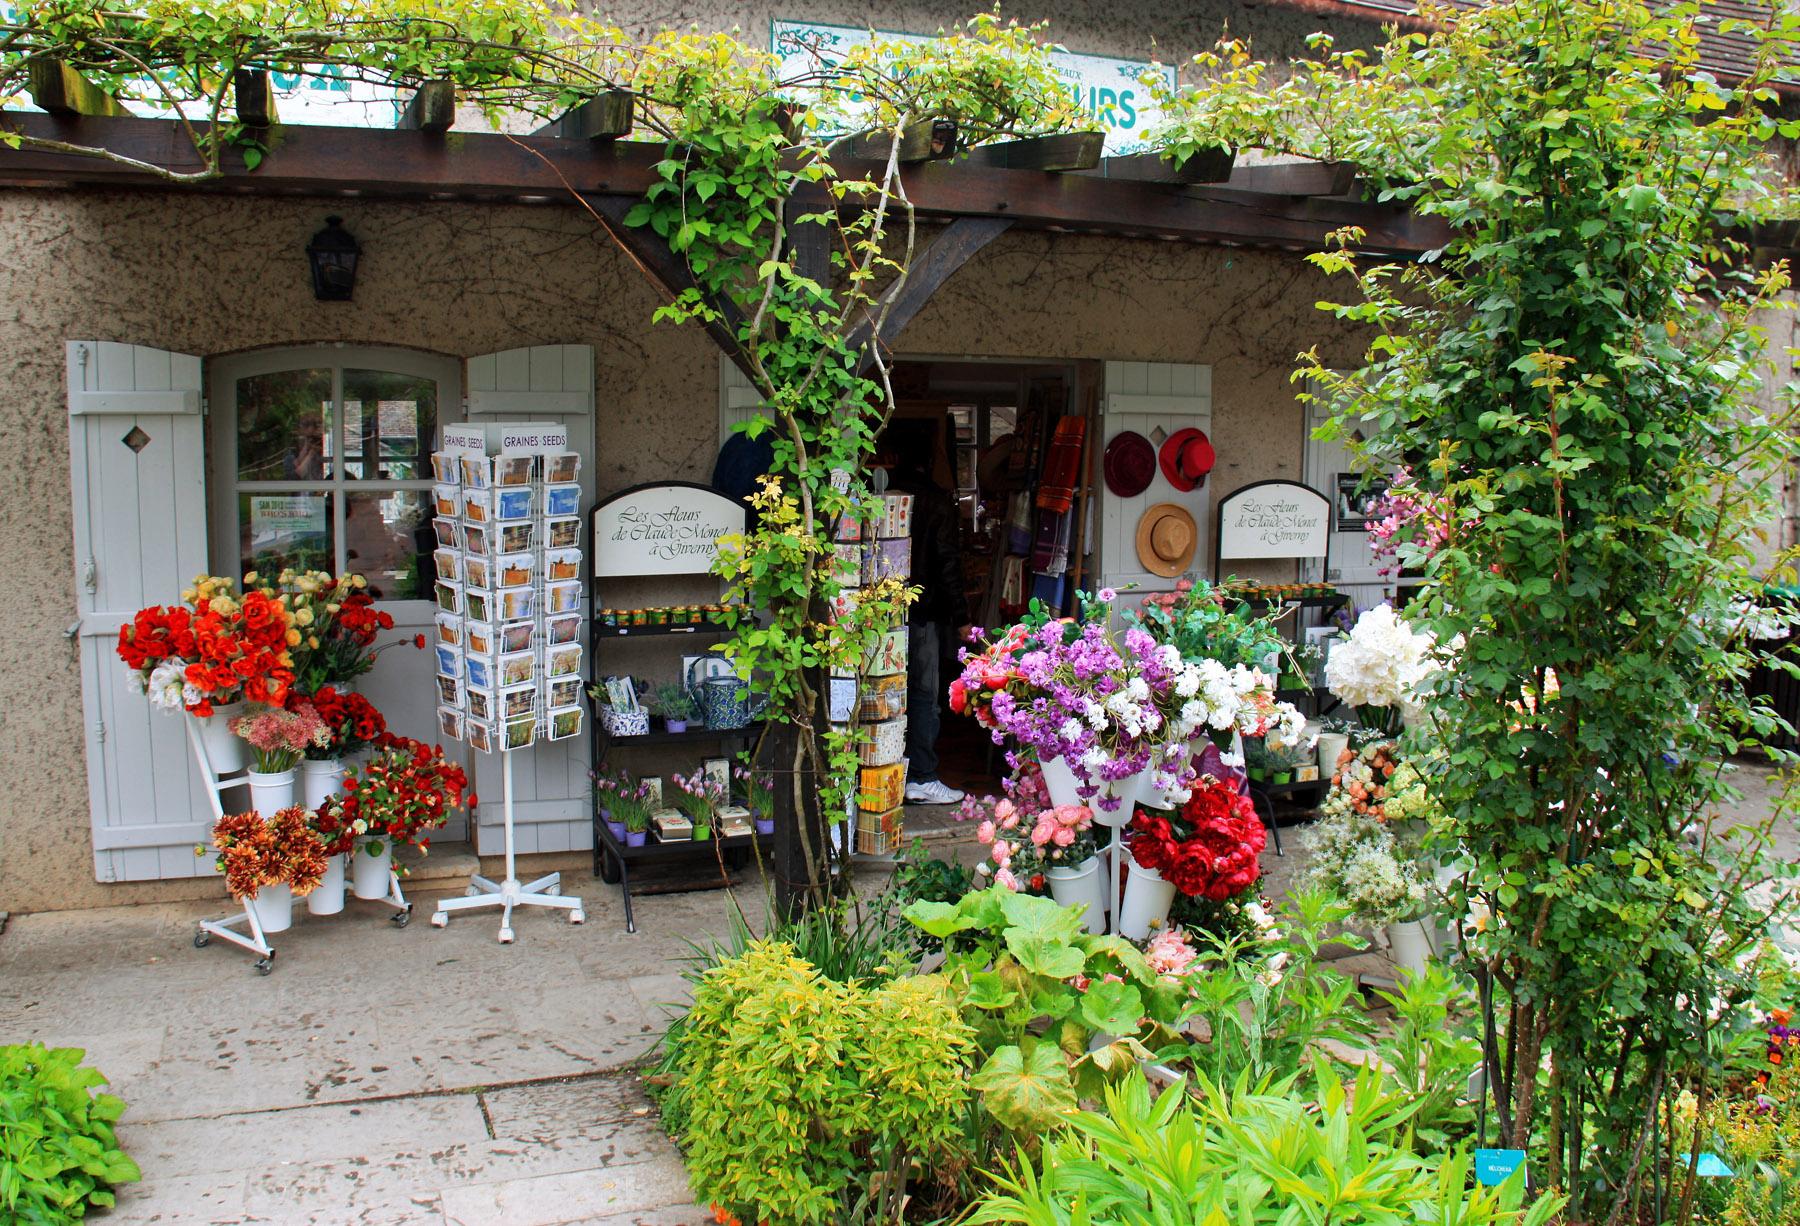 Une promenade dans les jardins de giverny for Le jardin des fleurs strasbourg